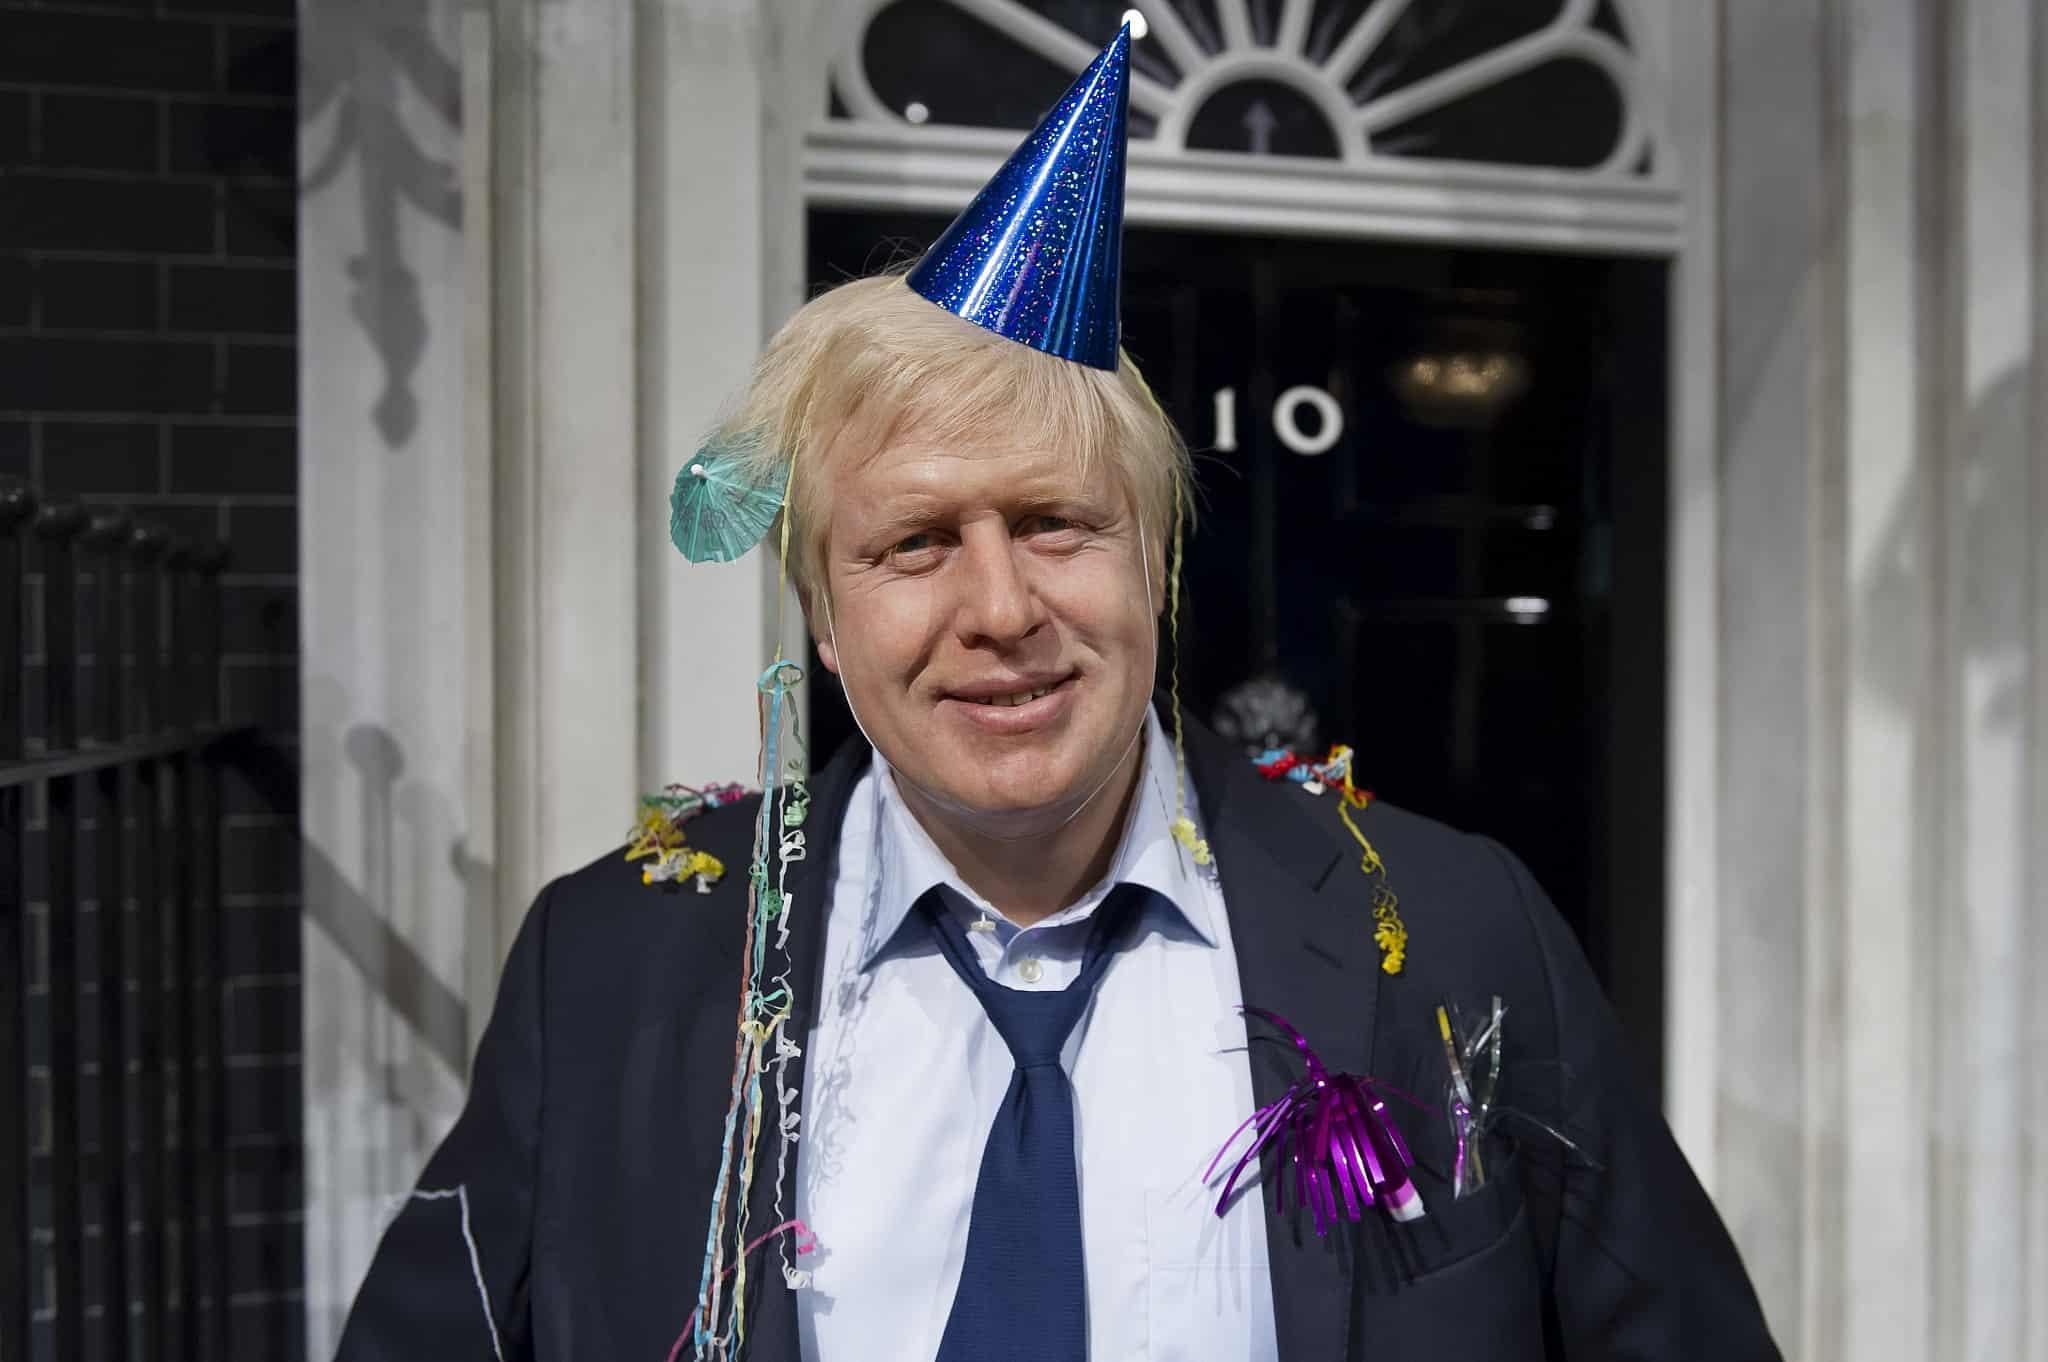 בוריס ג׳ונסון חוגג אחרי שנבחר שנית לראשות עיריית לונדון ב-4 במאי 2012 (צילום: AP Photo/Jonathan Short)